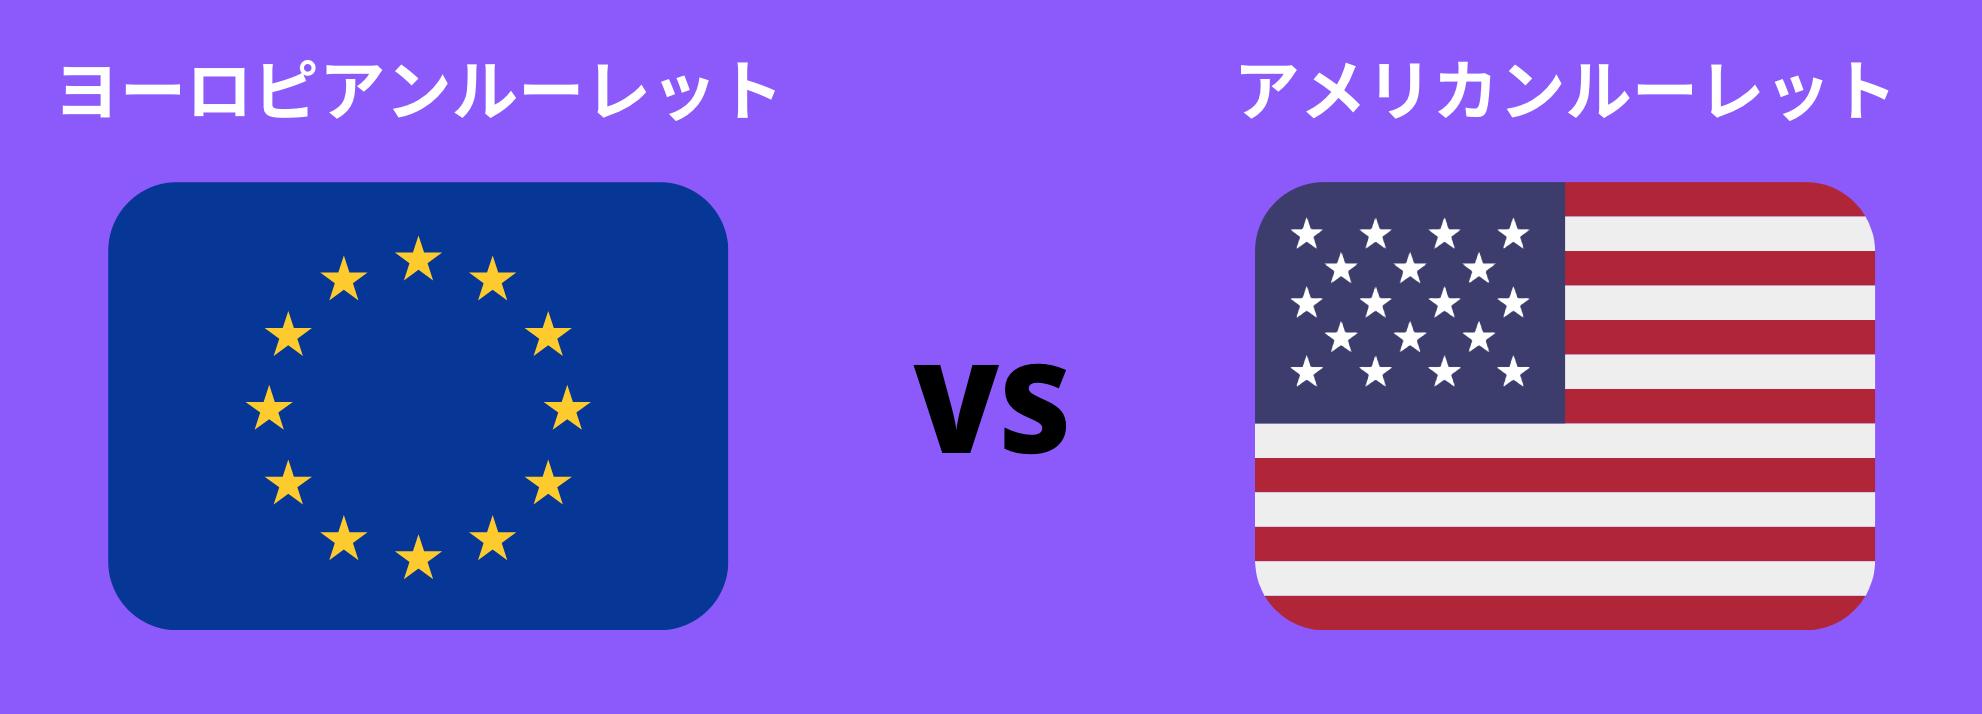 ヨーロピアンルーレットとアメリカンルーレットの違い